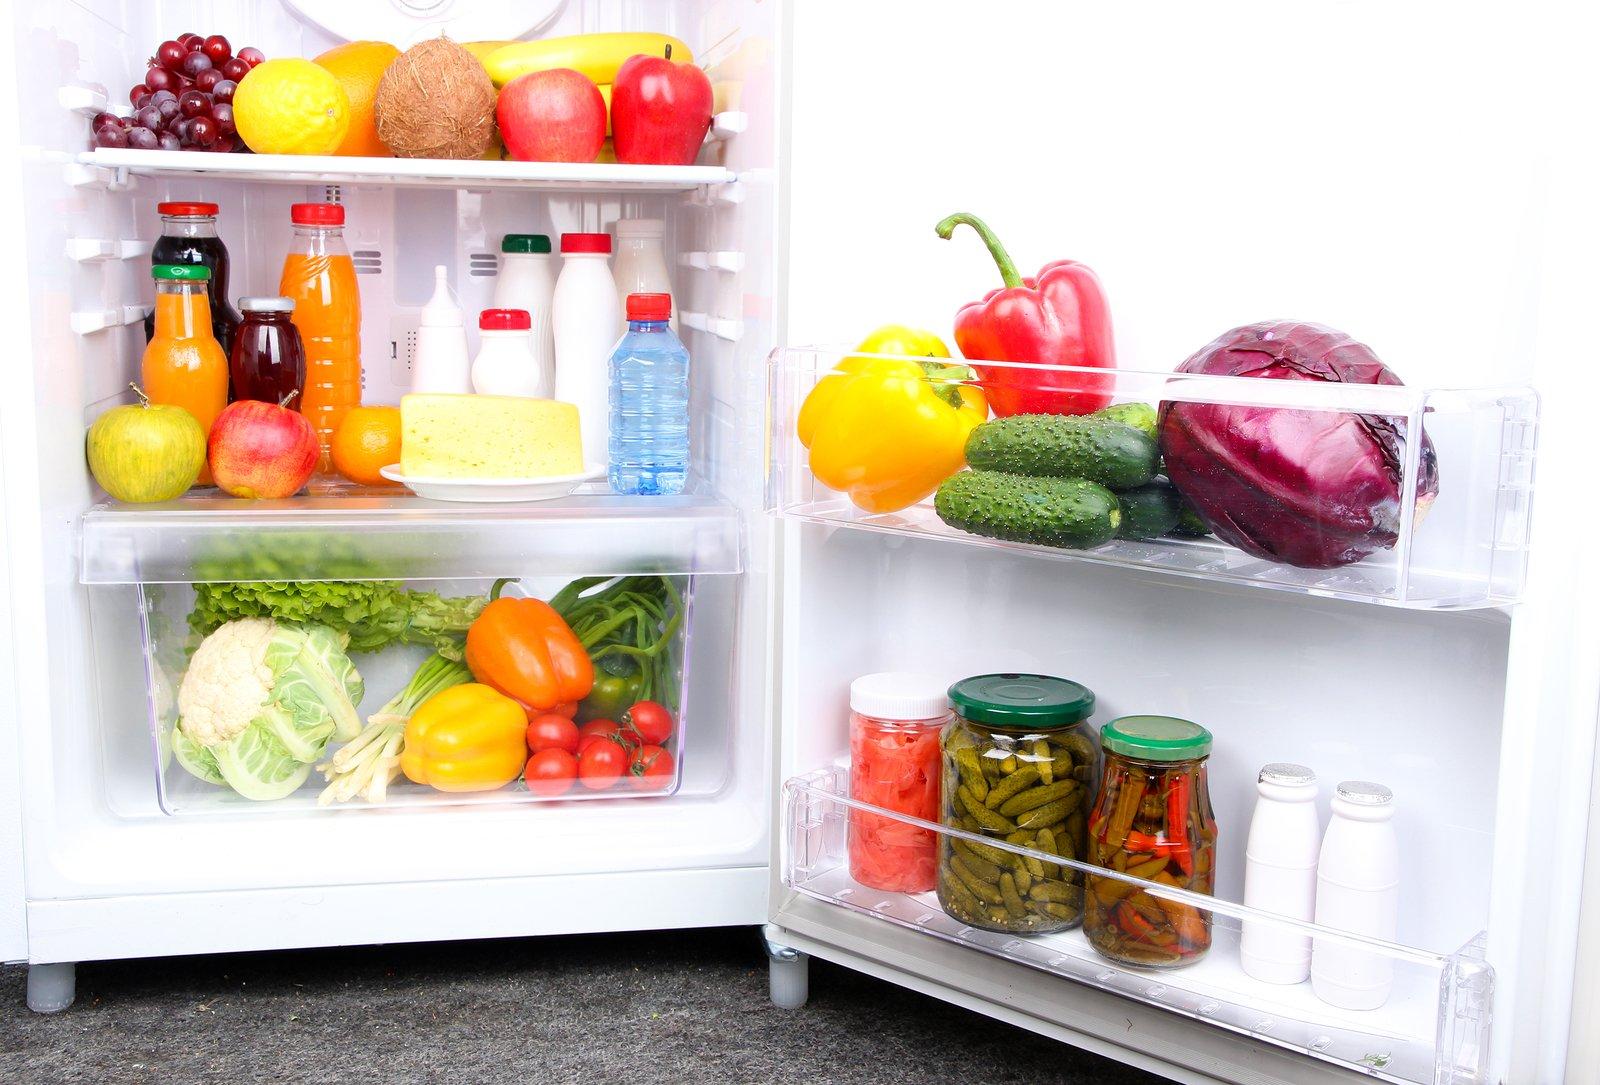 Как правильно хранить готовые блюда в холодильнике